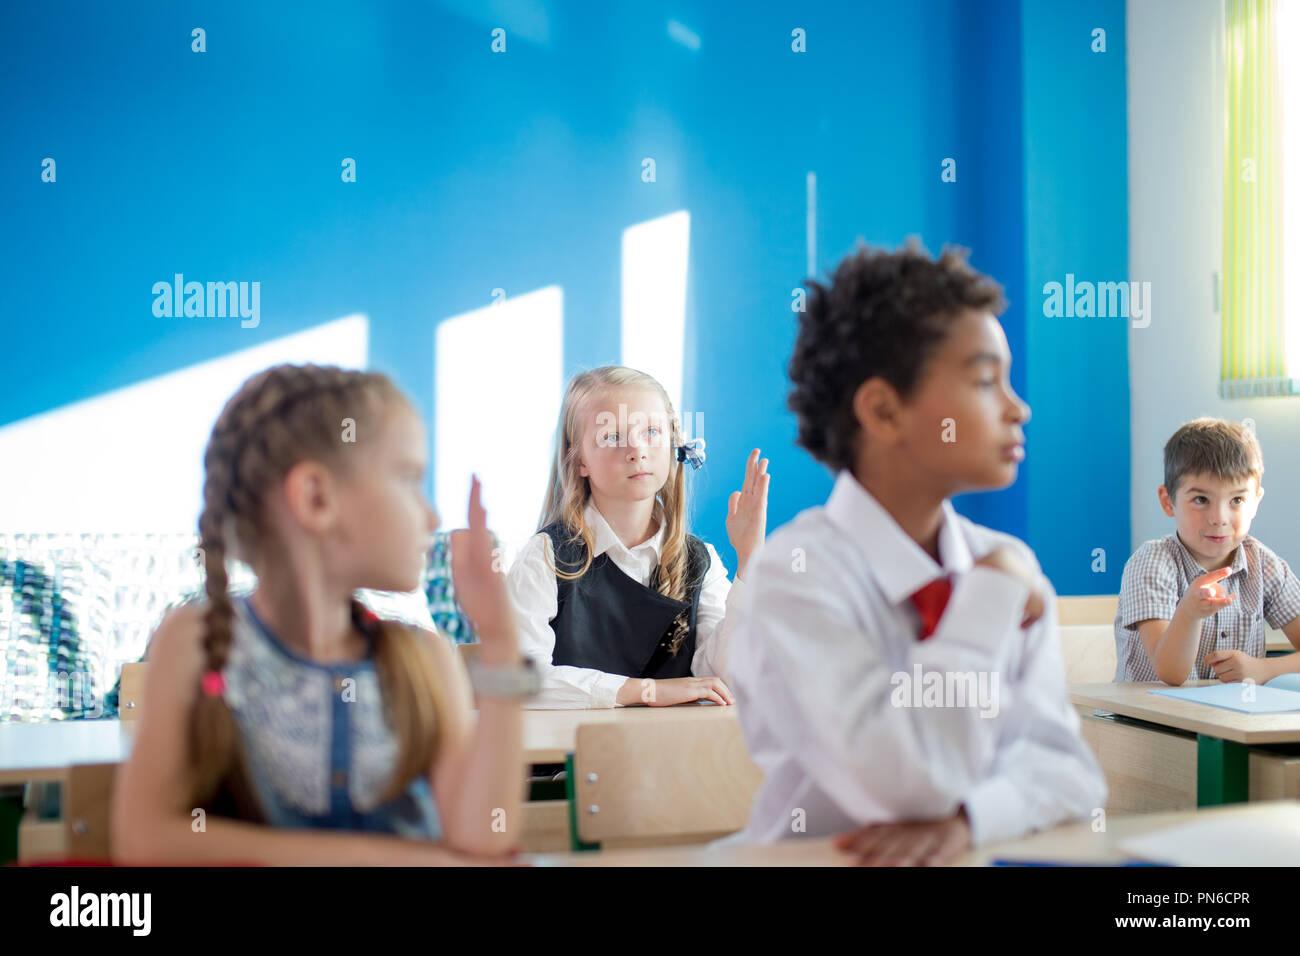 Un gruppo di bambini della scuola di tutti alzando le mani in aria per rispondere Immagini Stock